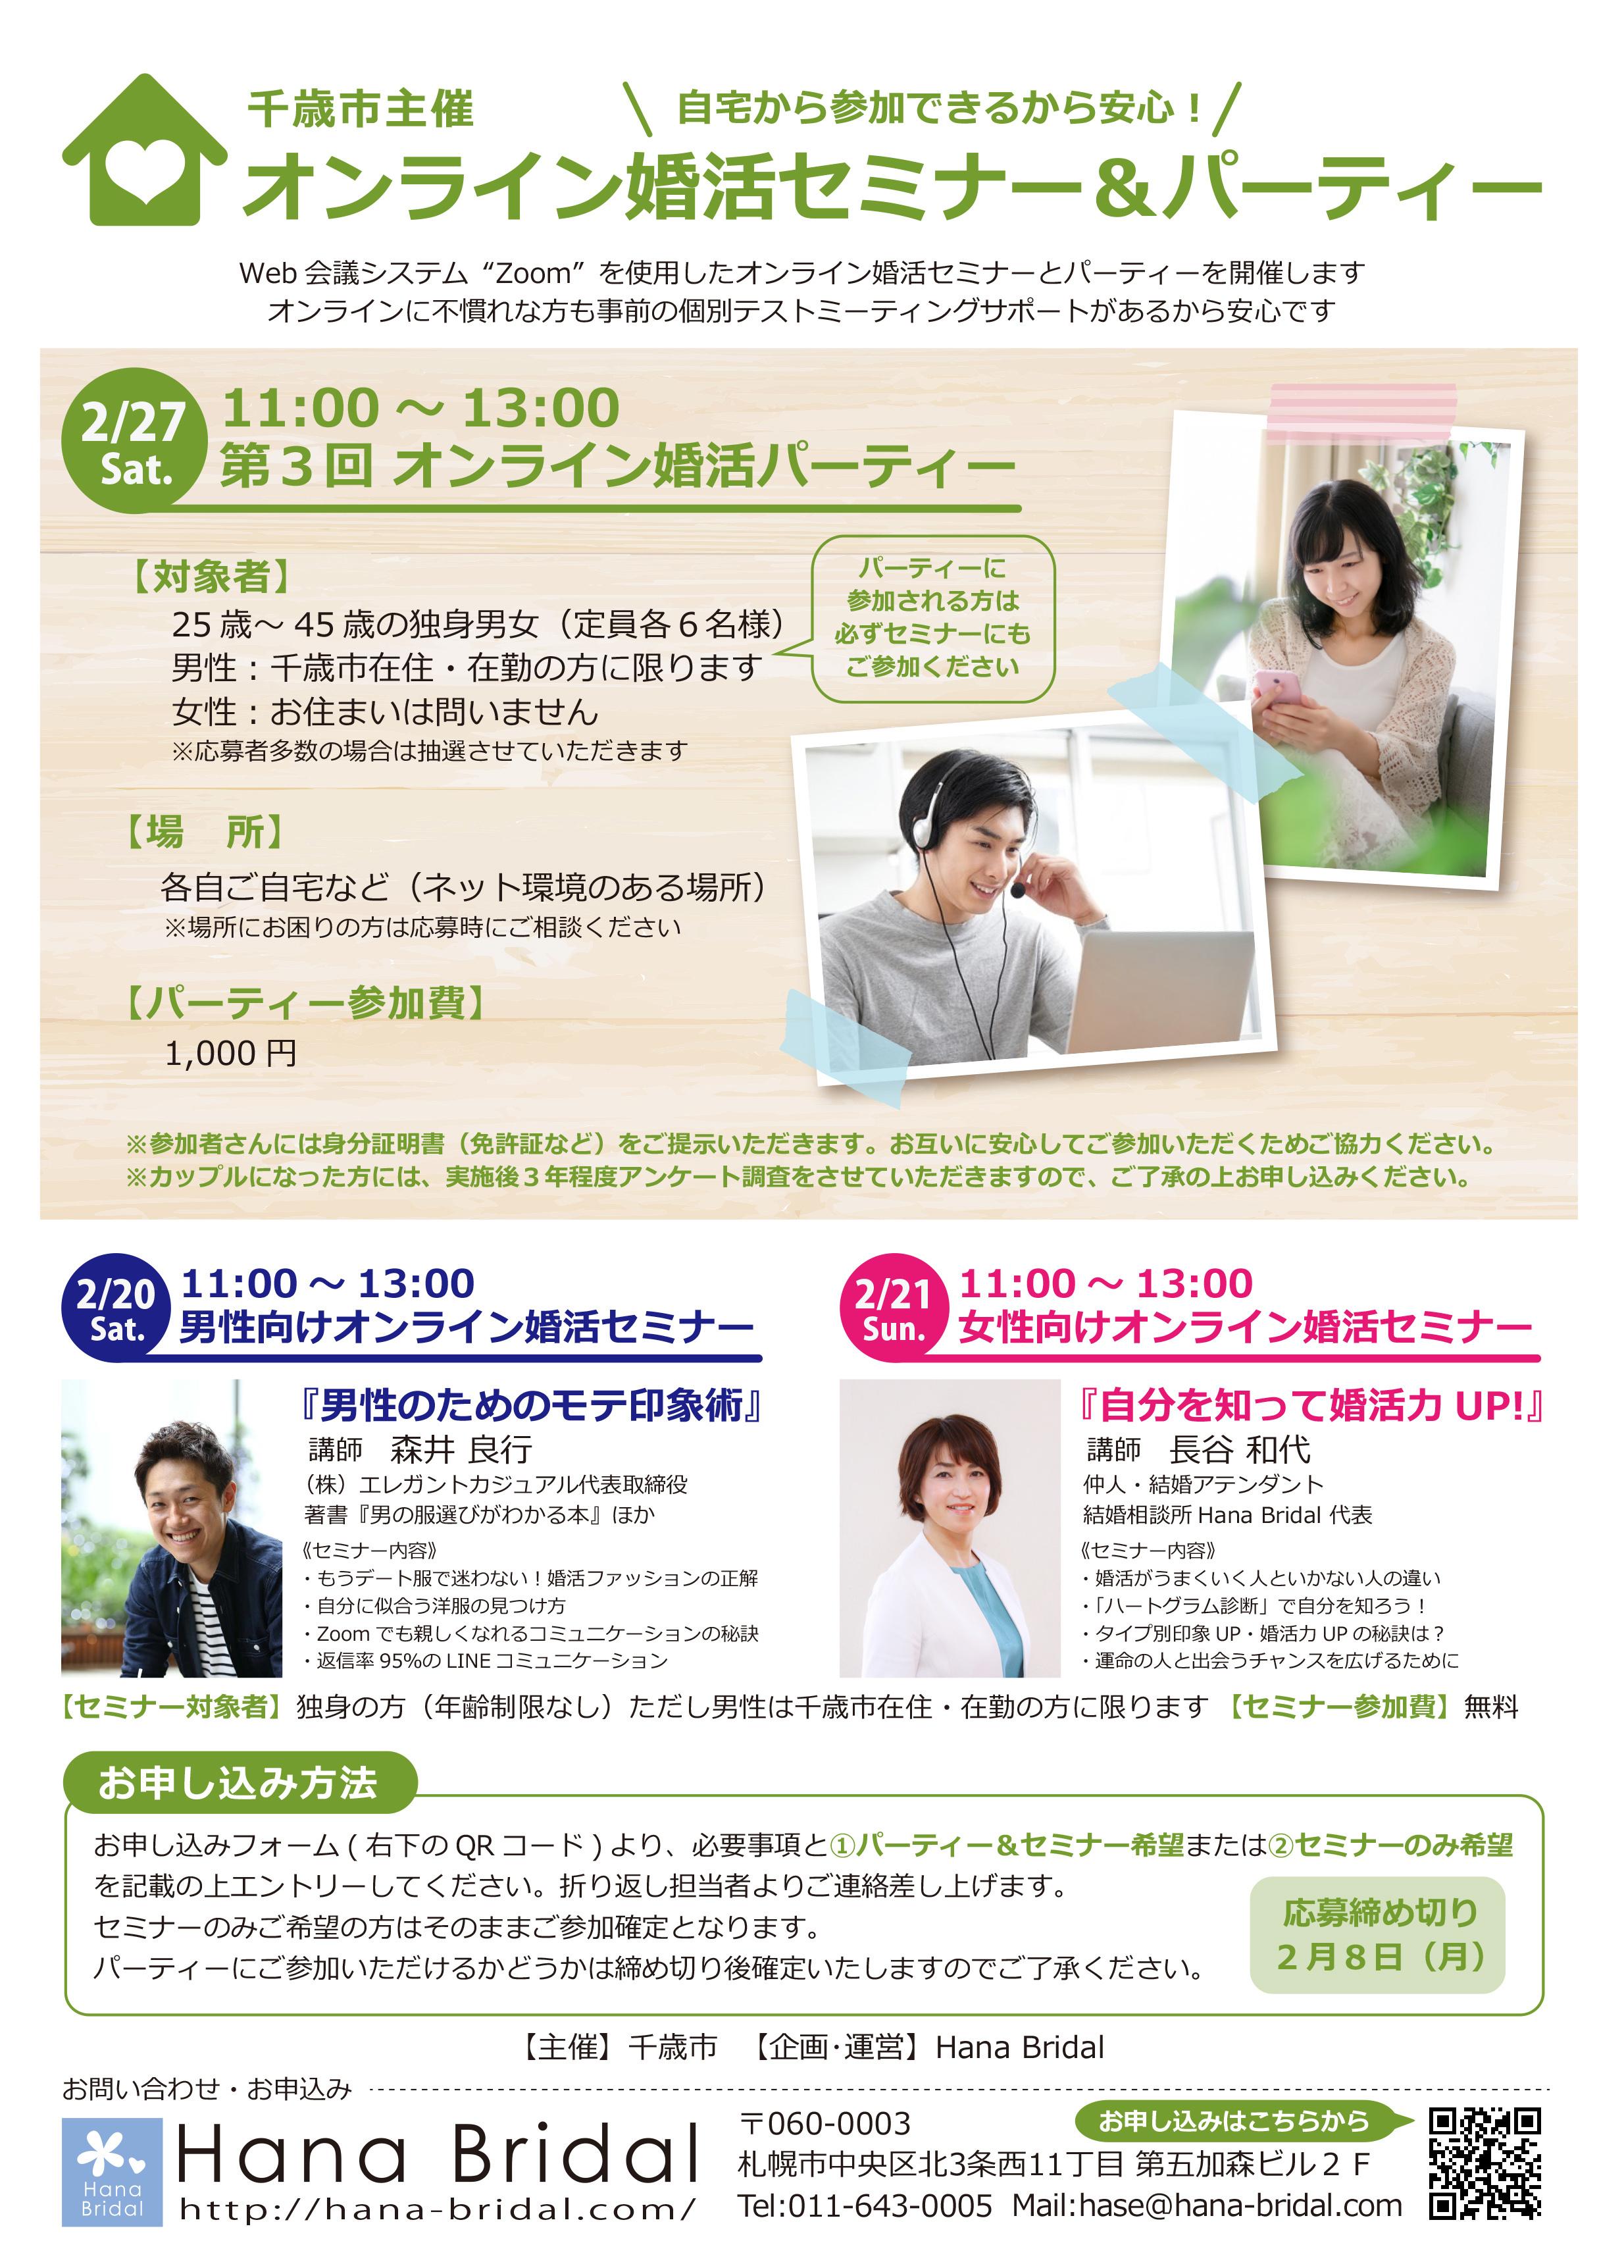 パーティー オンライン 婚 活 オンライン婚活パーティー 6/17